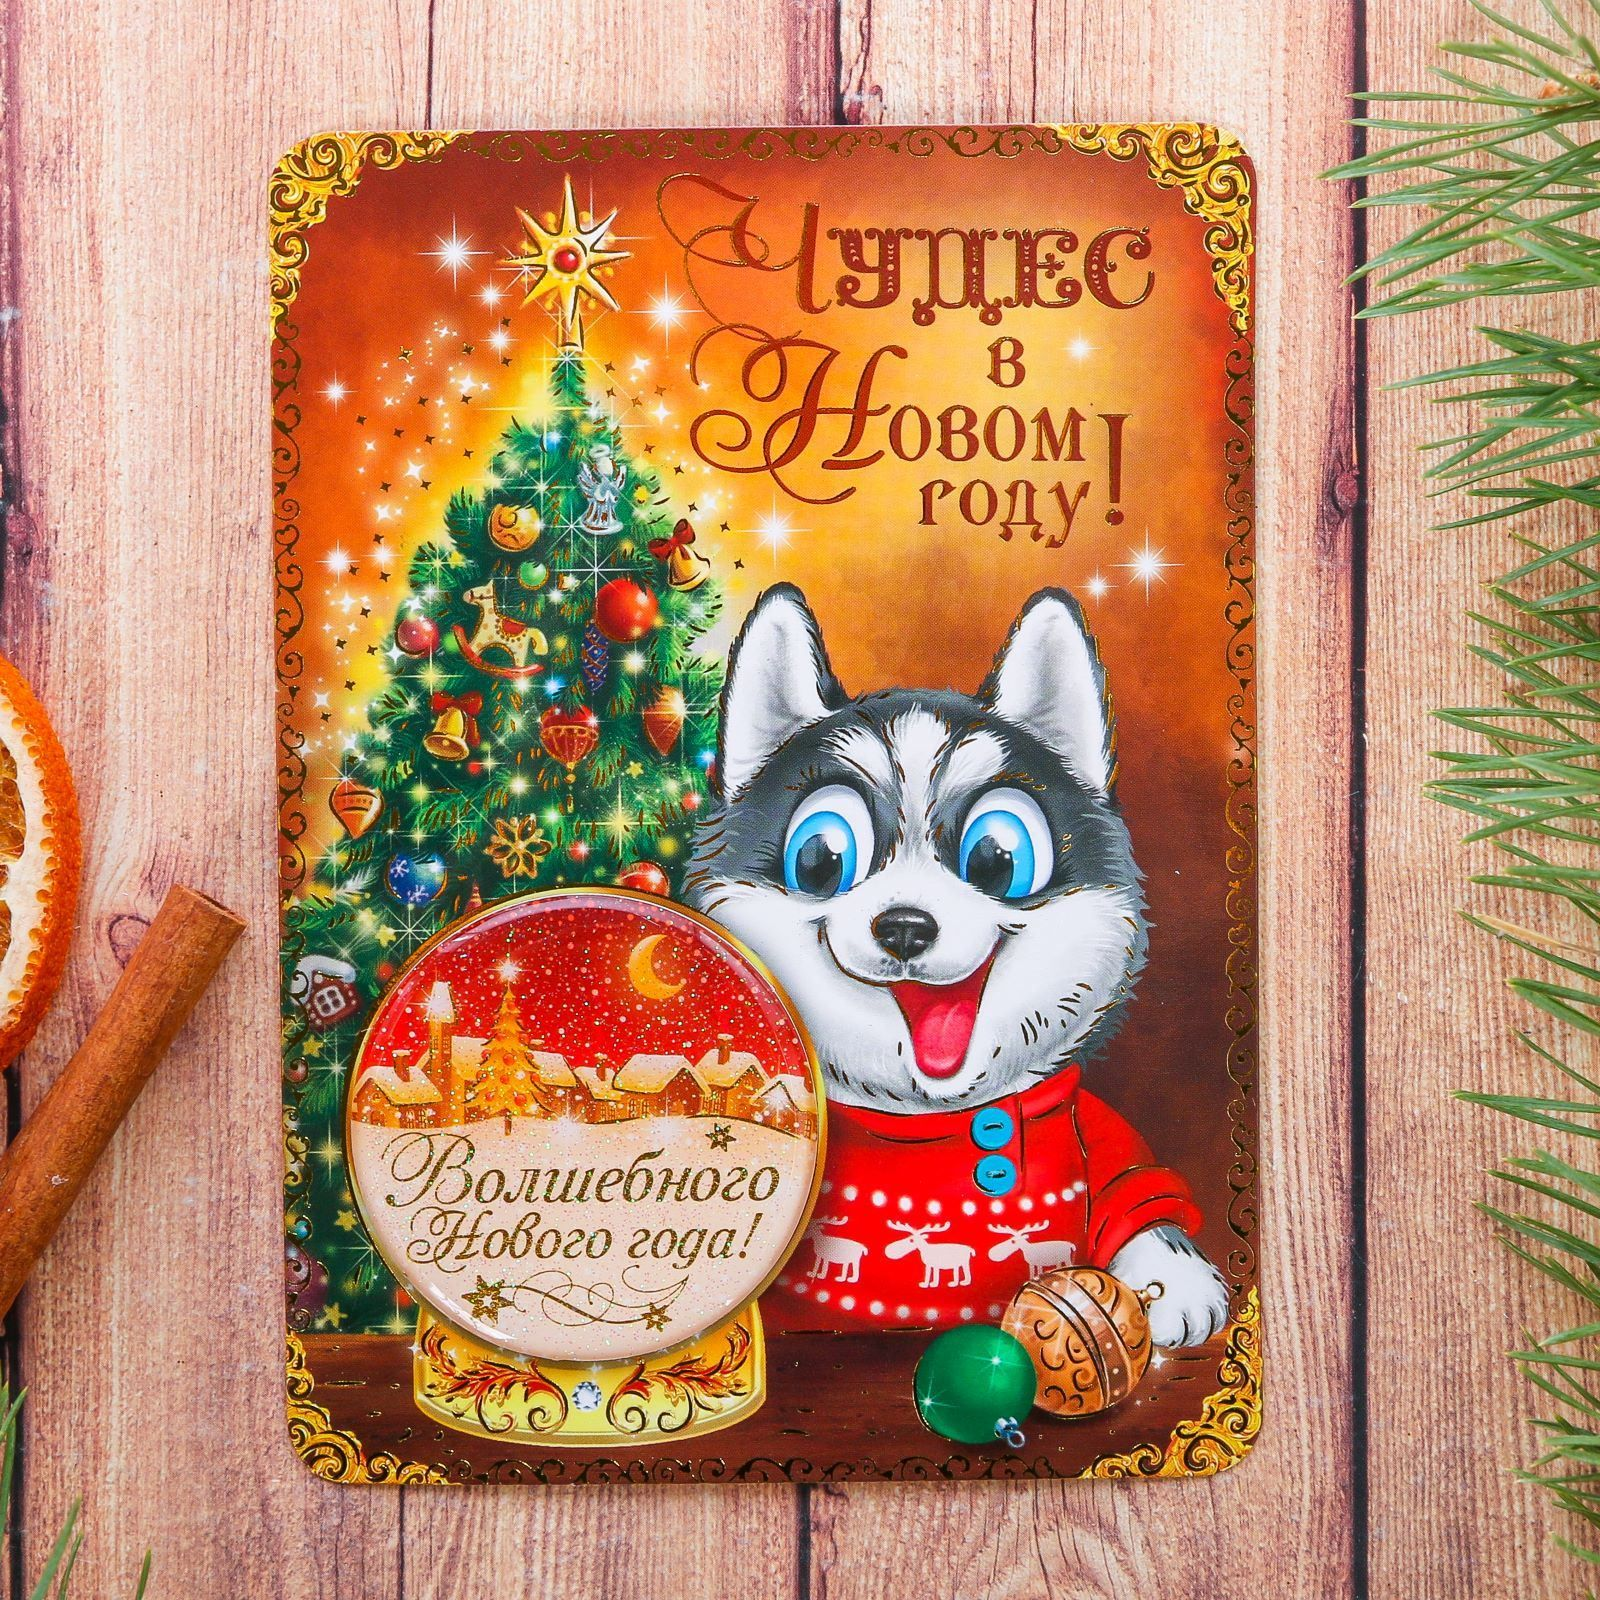 Магнит Sima-land Чудес в Новом году, с открыткой, 10,5 х 14,5 см2123244Порадуйте родных и близких оригинальным сувениром: преподнесите в подарок магнит Sima-land Чудес в Новом году. С ним даже самый серьезный человек почувствует себя ребенком, ожидающим чудо! Создайте праздничное настроение, и оно останется с вами на весь год. Размер: 10,5 х 14,5 см.